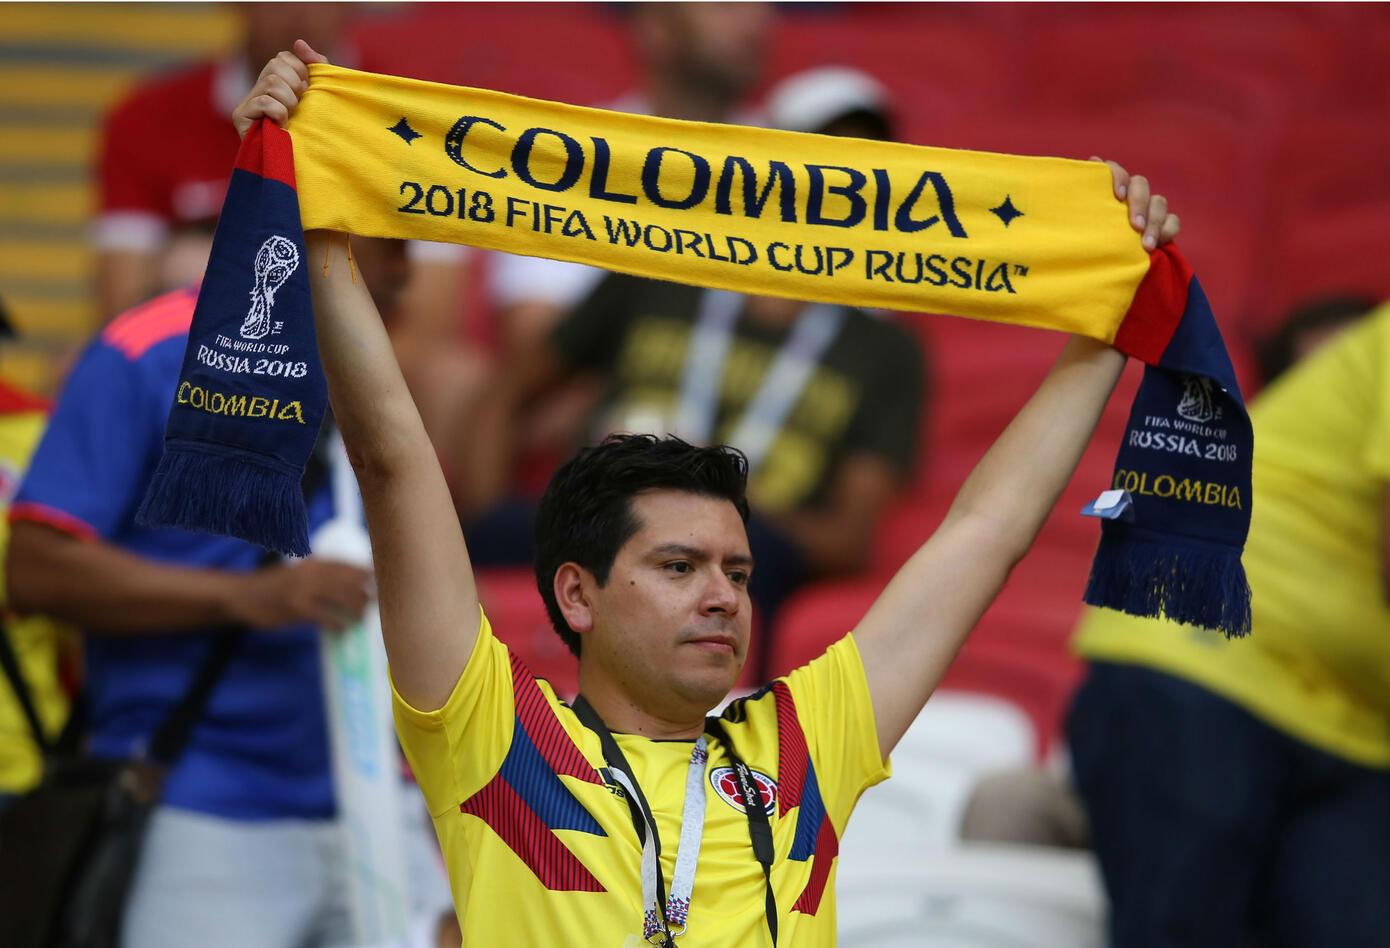 Los colombianos en el exterior